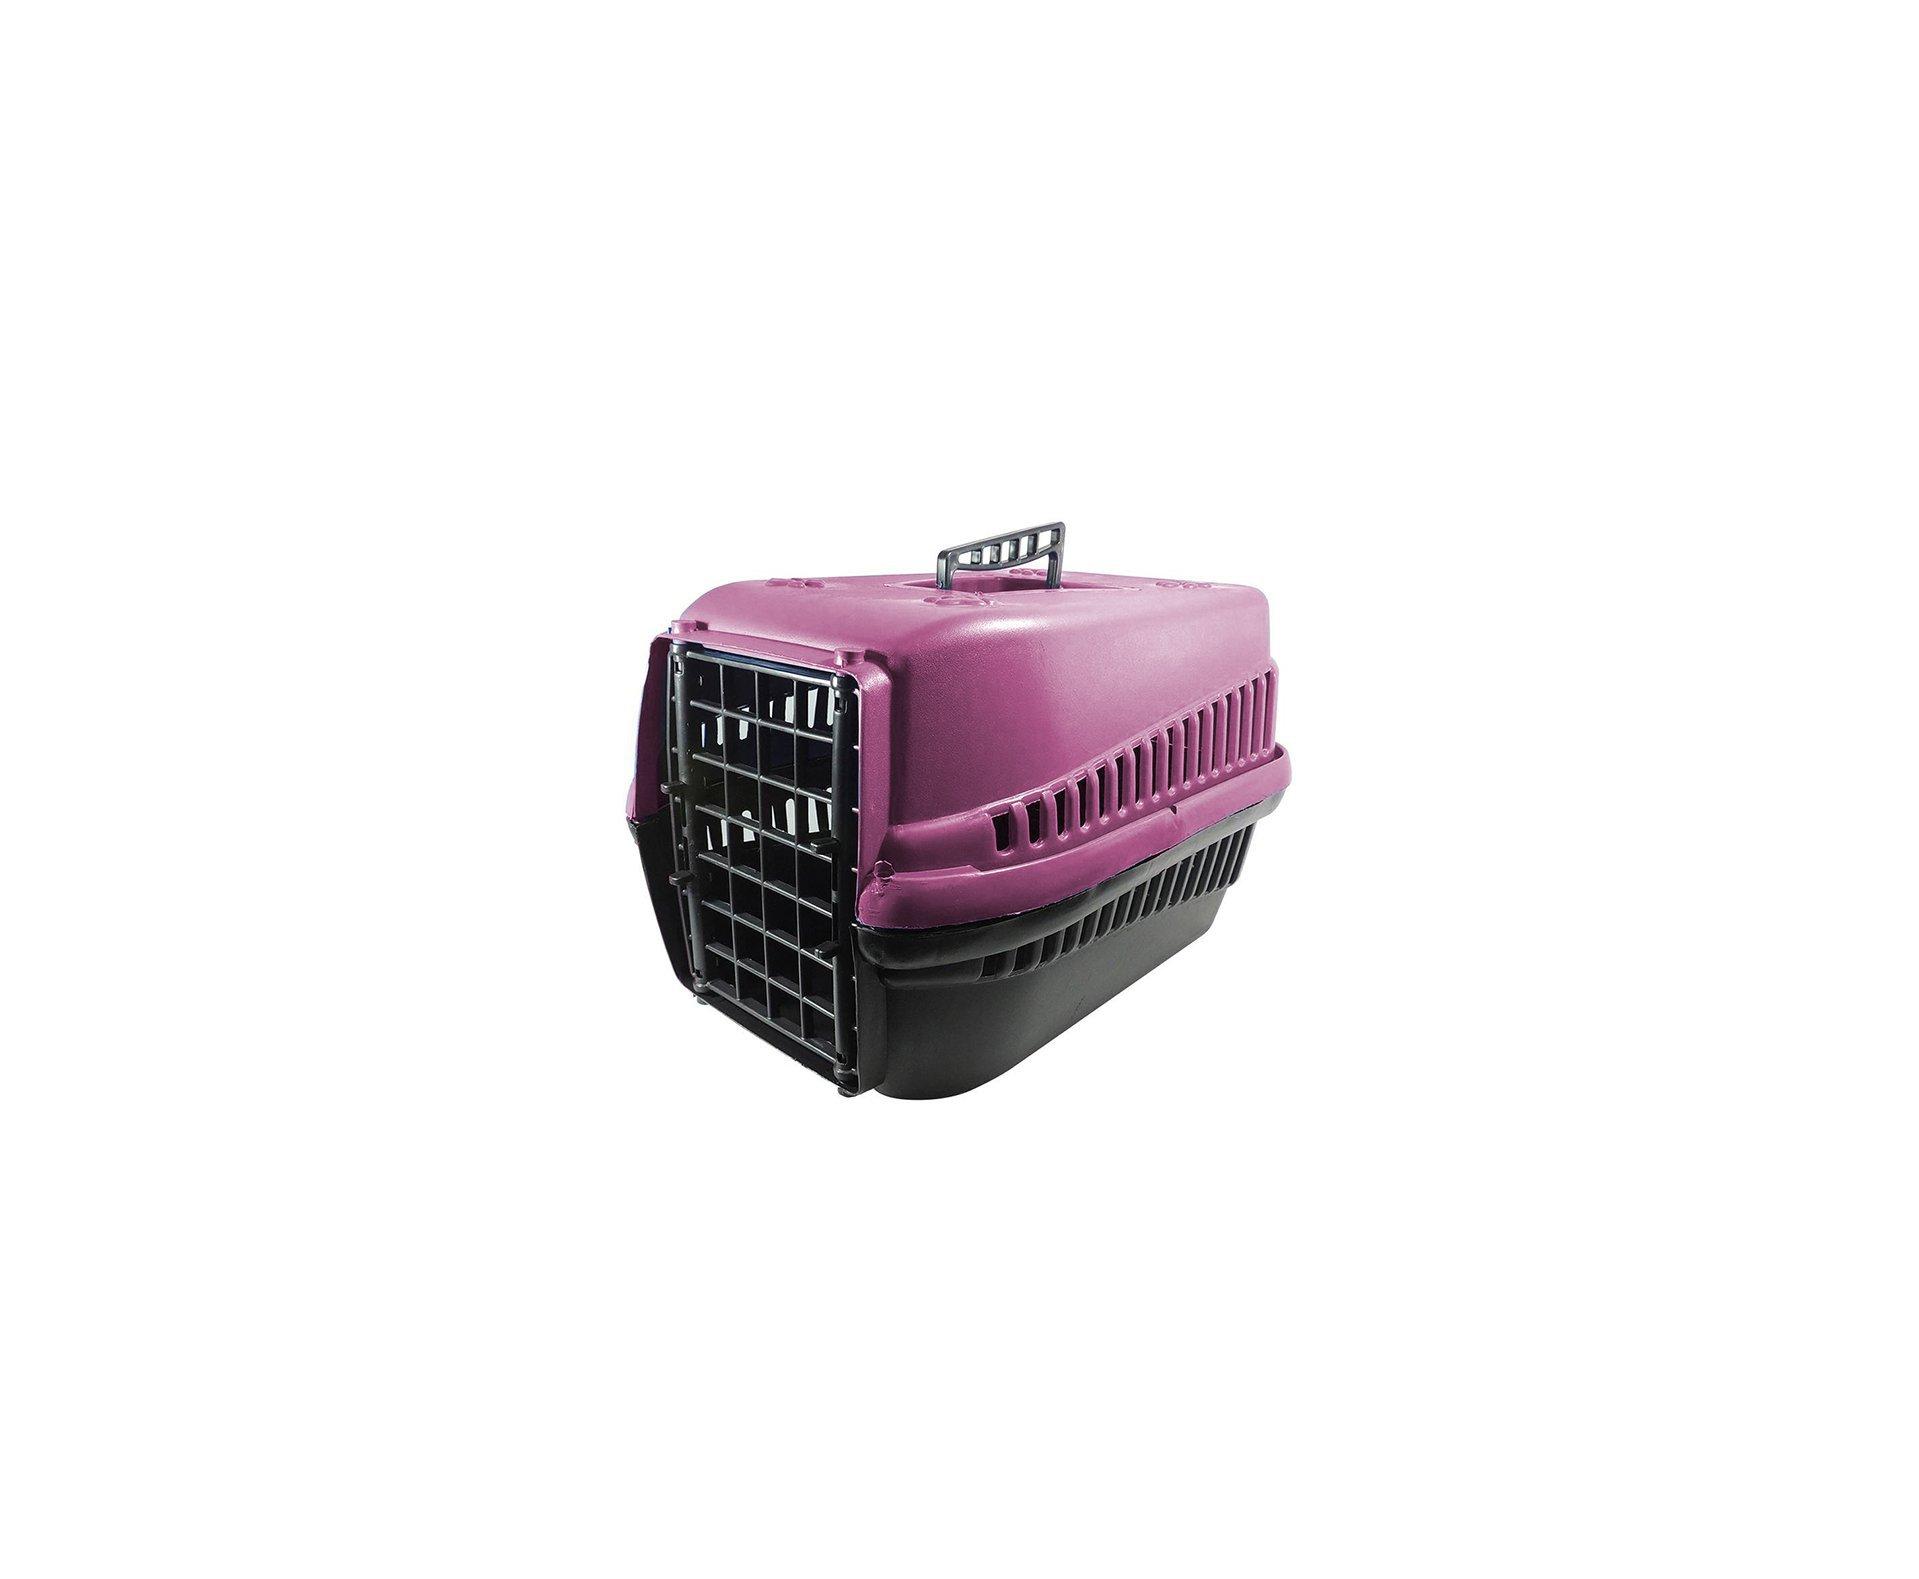 Caixa De Transporte Furacãopet N3 - Rosa - Furacão